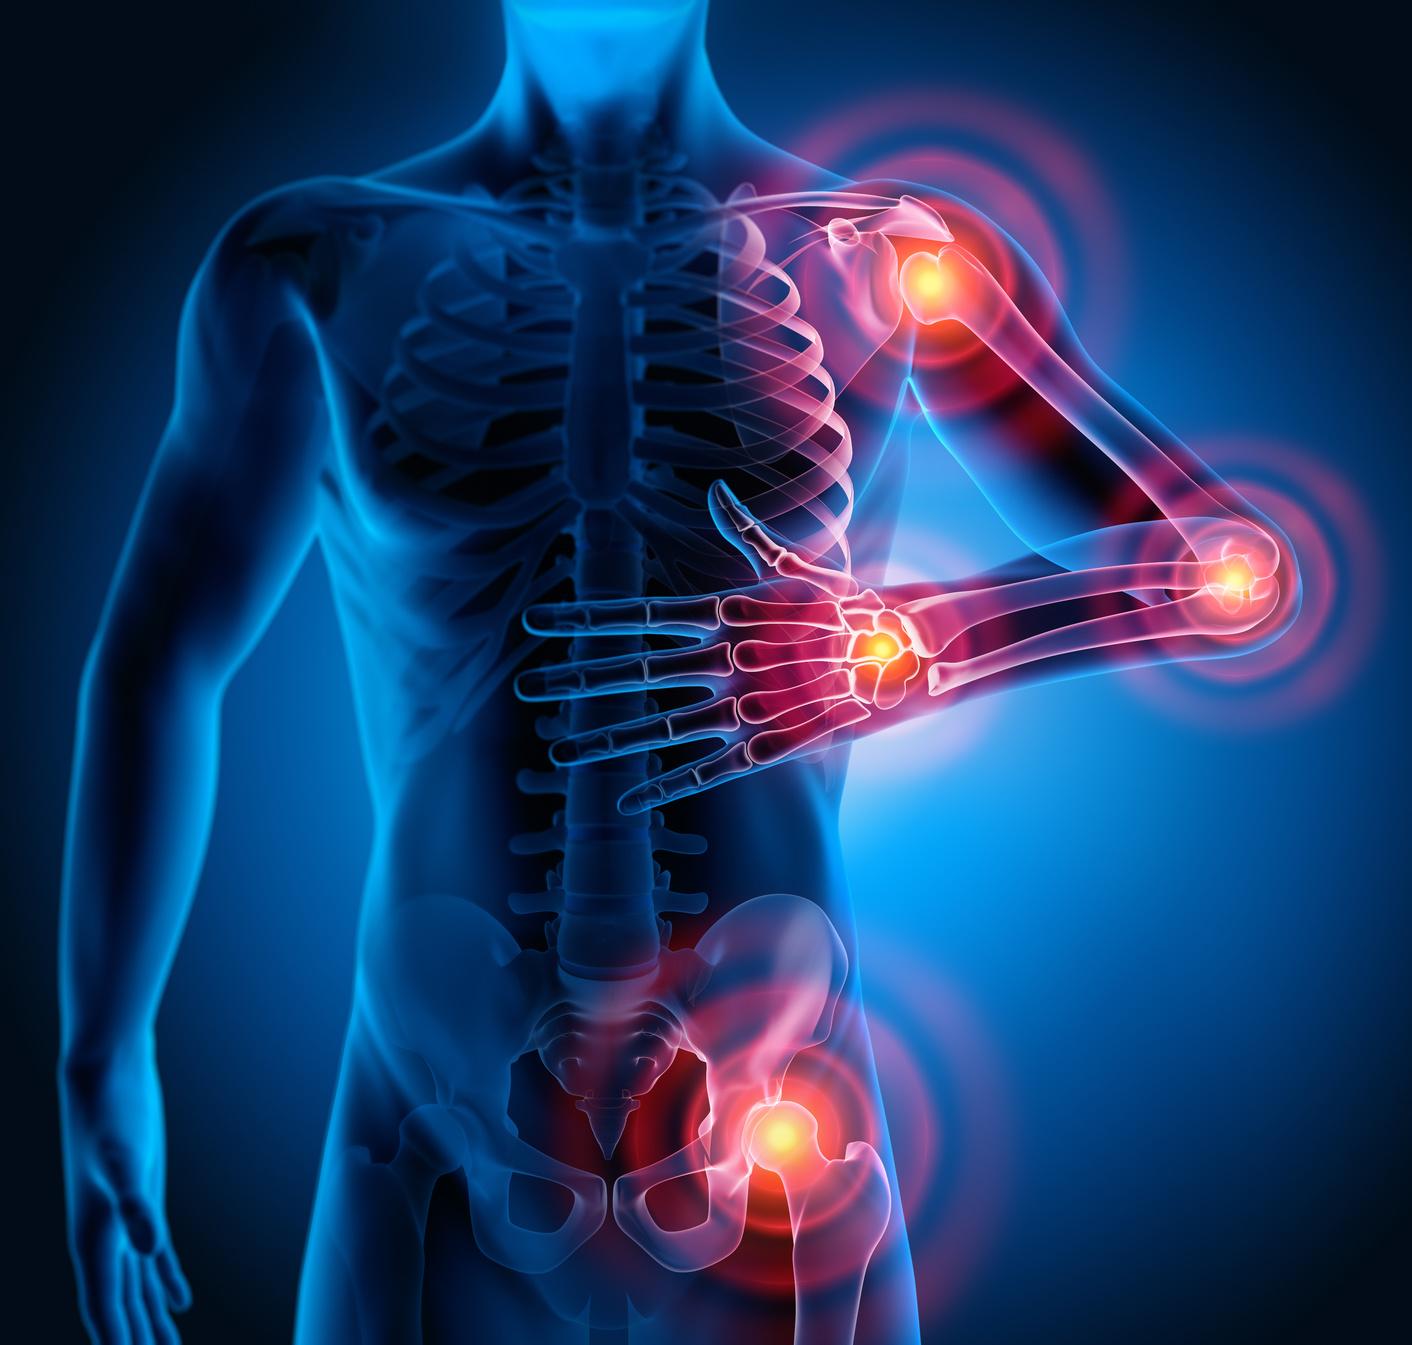 Motivo per dolori articolari nel corpo, introduzione